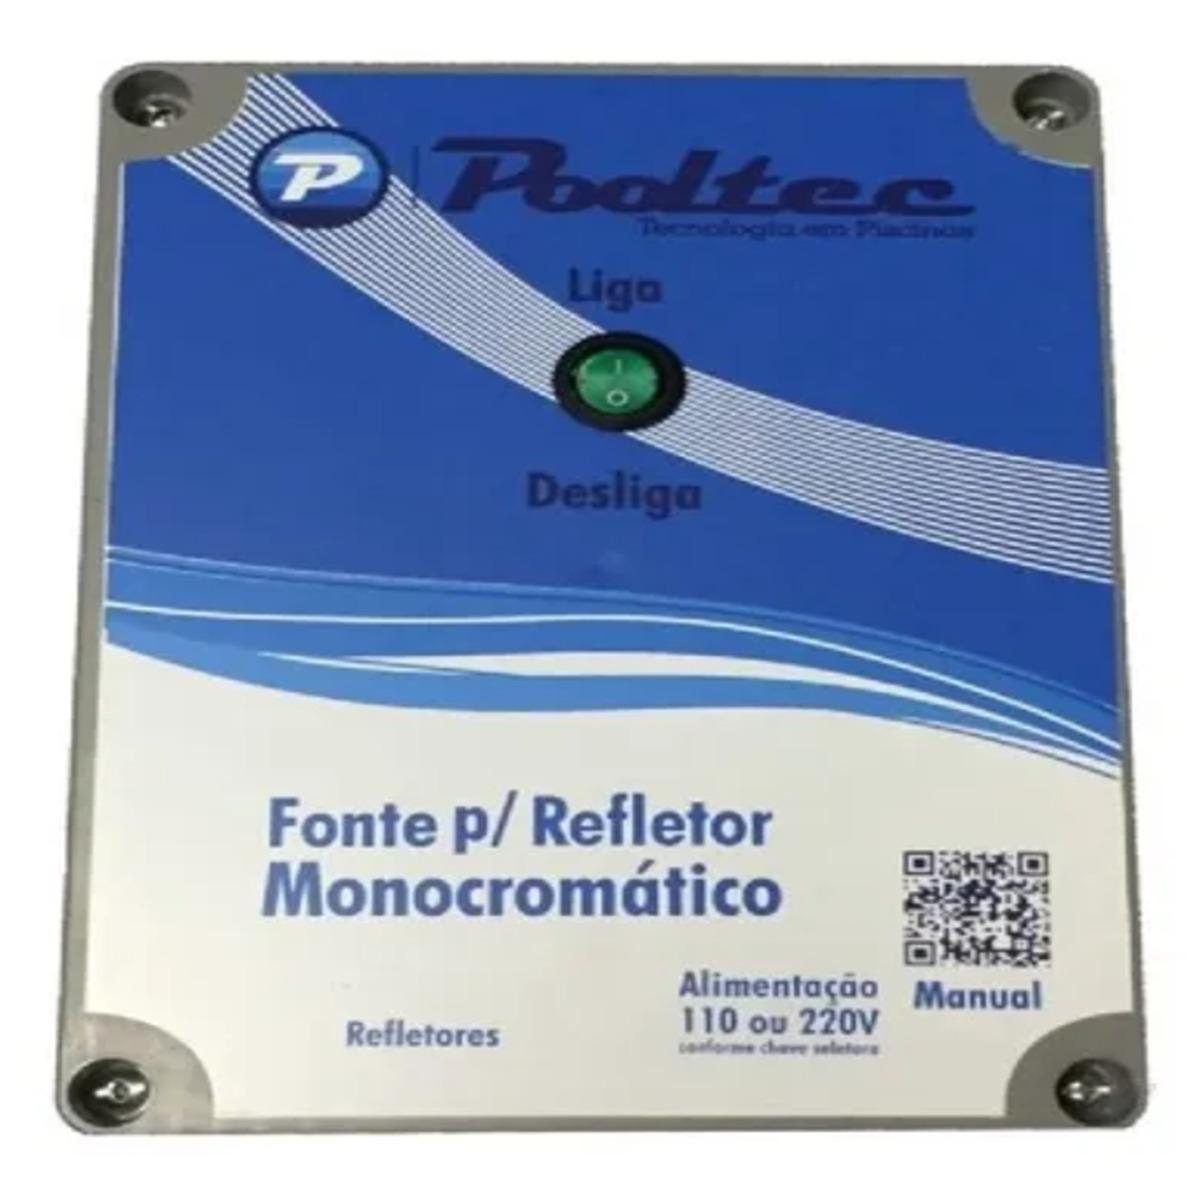 Fonte Eletrônica Para iluminação subaquática Modelo M Pooltec